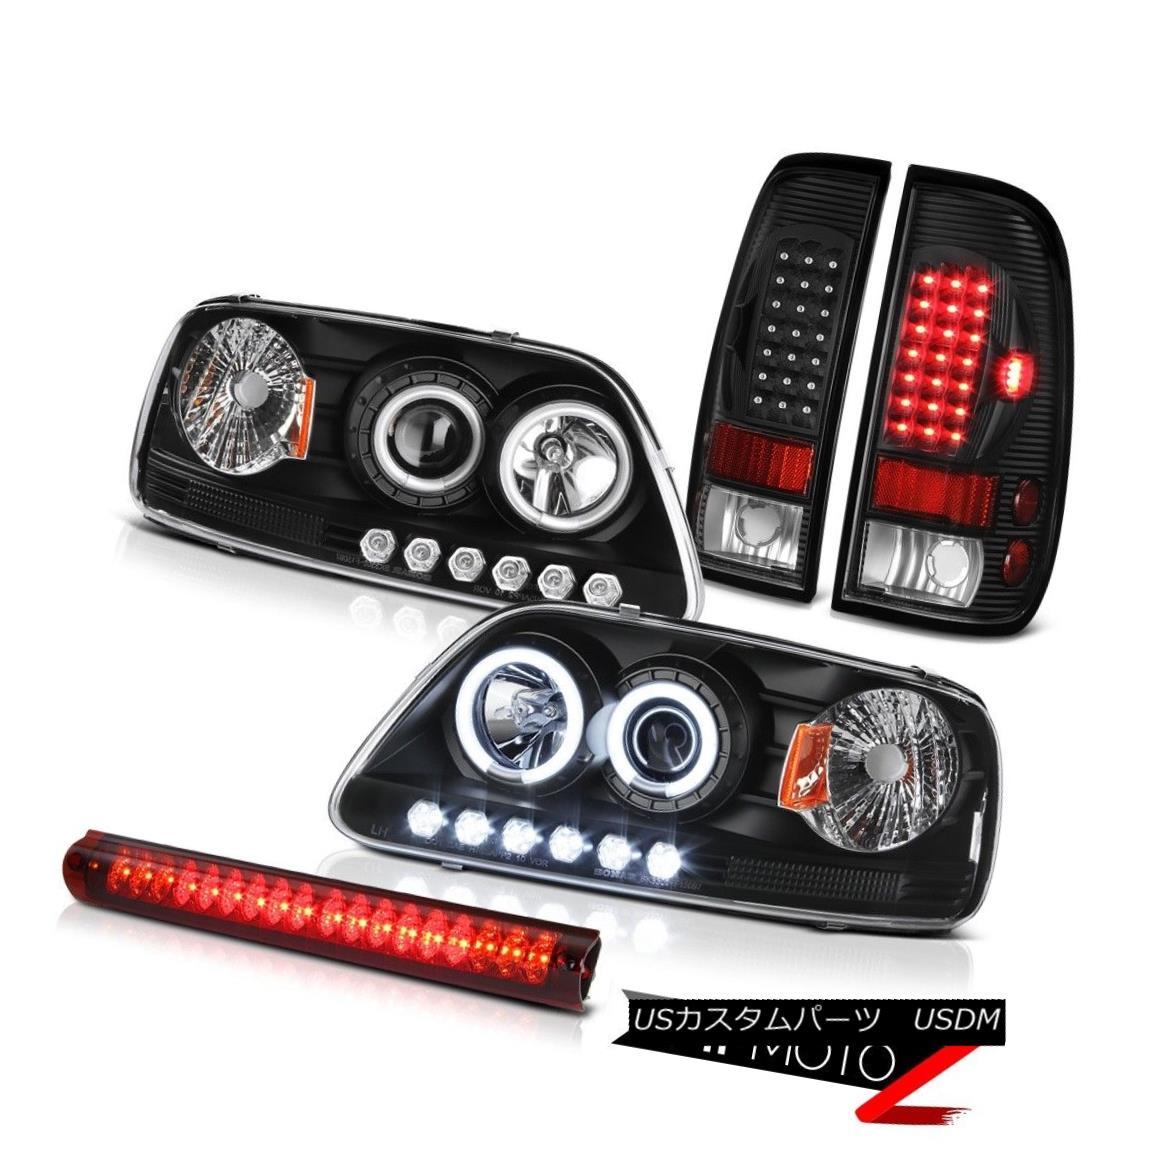 テールライト 99 2000 2001 F150 Triton Black Projector Headlight Tail Lamp High Cargo Lamp LED 99 2000 2001 F150トリトンブラックプロジェクターヘッドライトテールランプ高貨物ランプLED